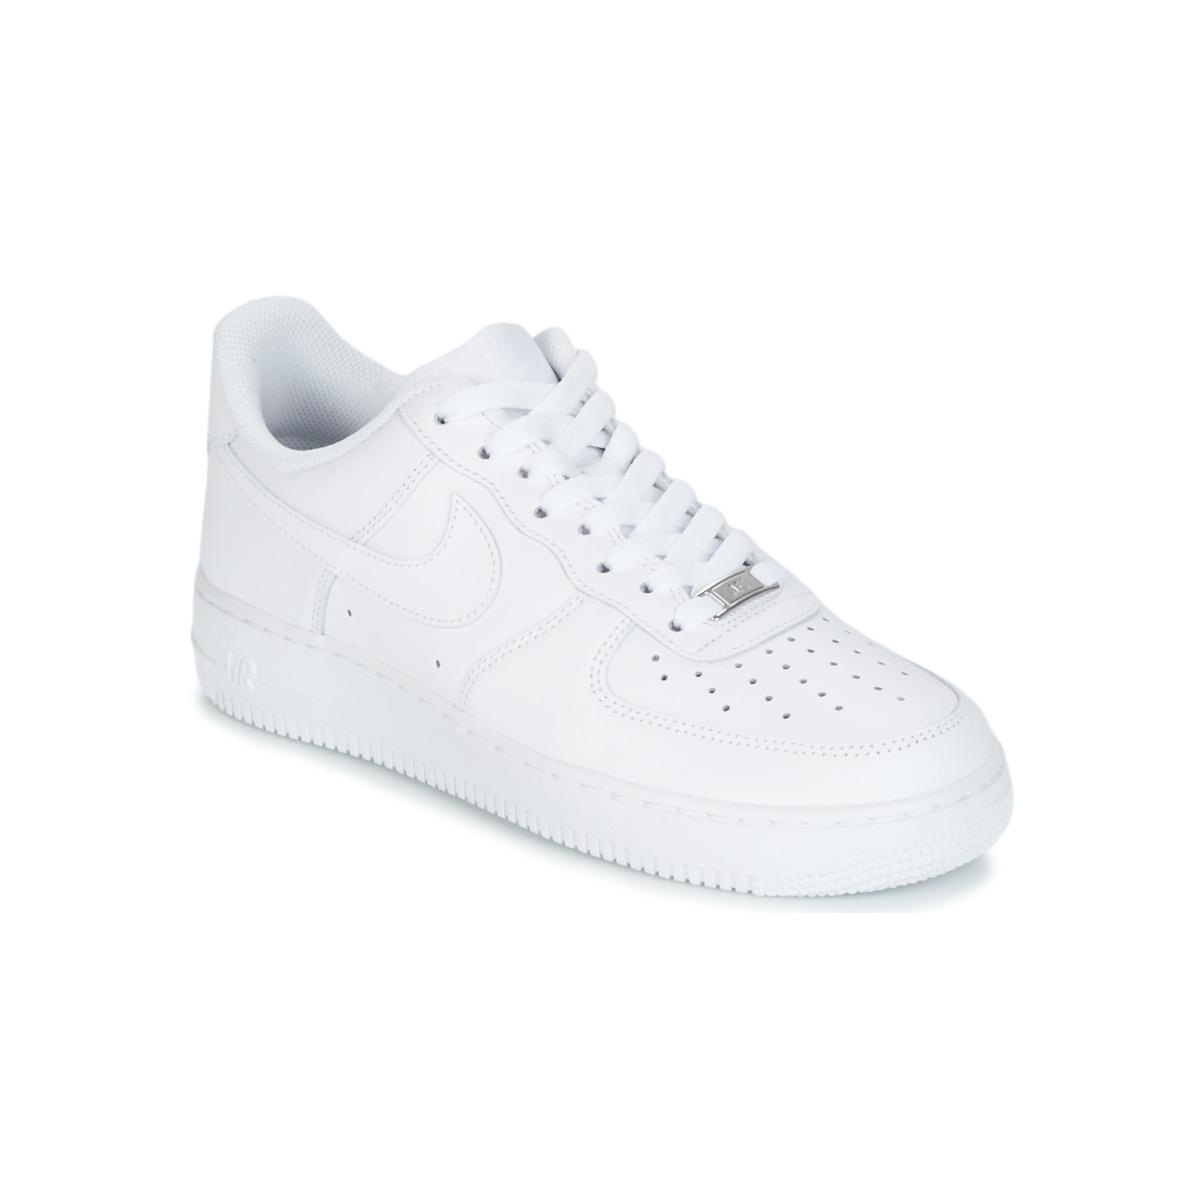 Nike AIR FORCE 1 07 Bílá - Doručení zdarma se Spartoo.cz ! - Boty Nizke  tenisky Pro-muze 2589 Kč 3089978650c